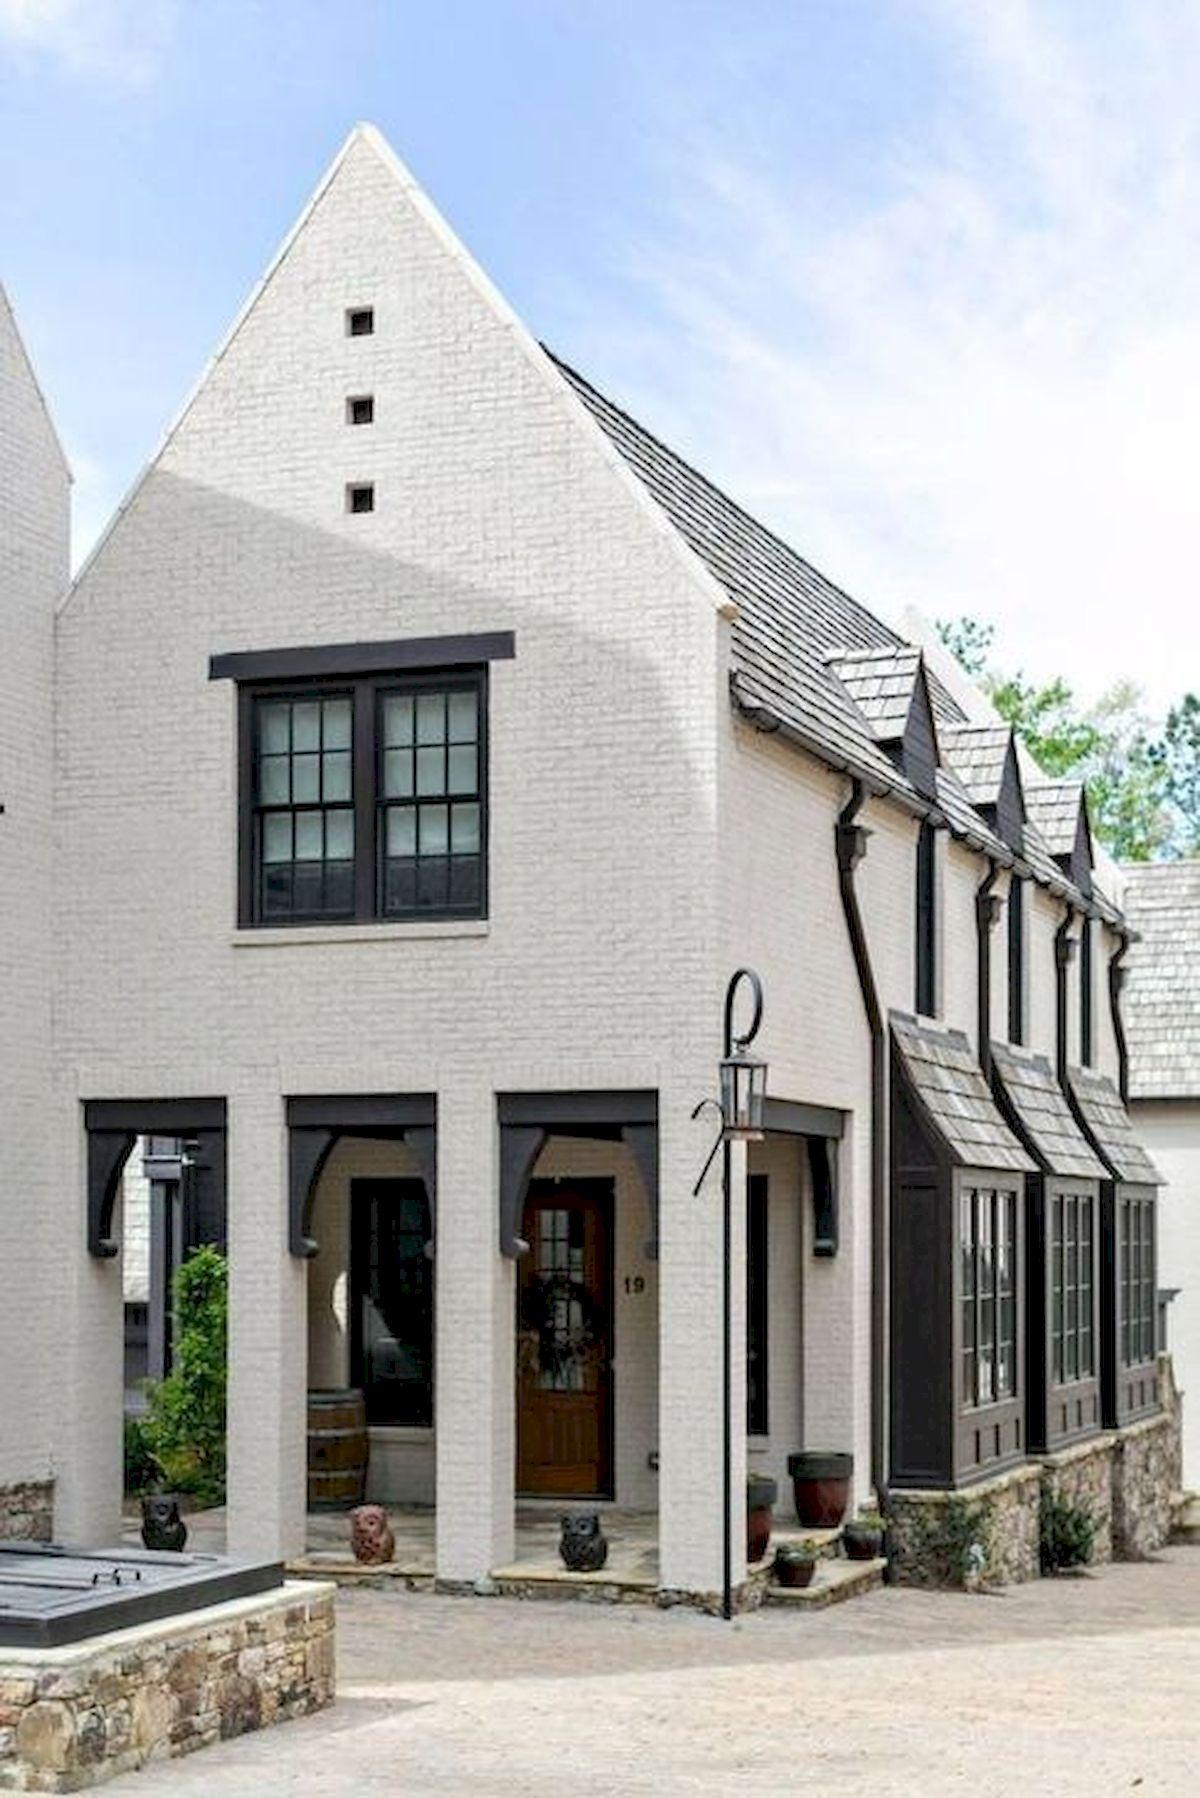 46 Awesome Farmhouse Home Exterior Design Ideas (39)